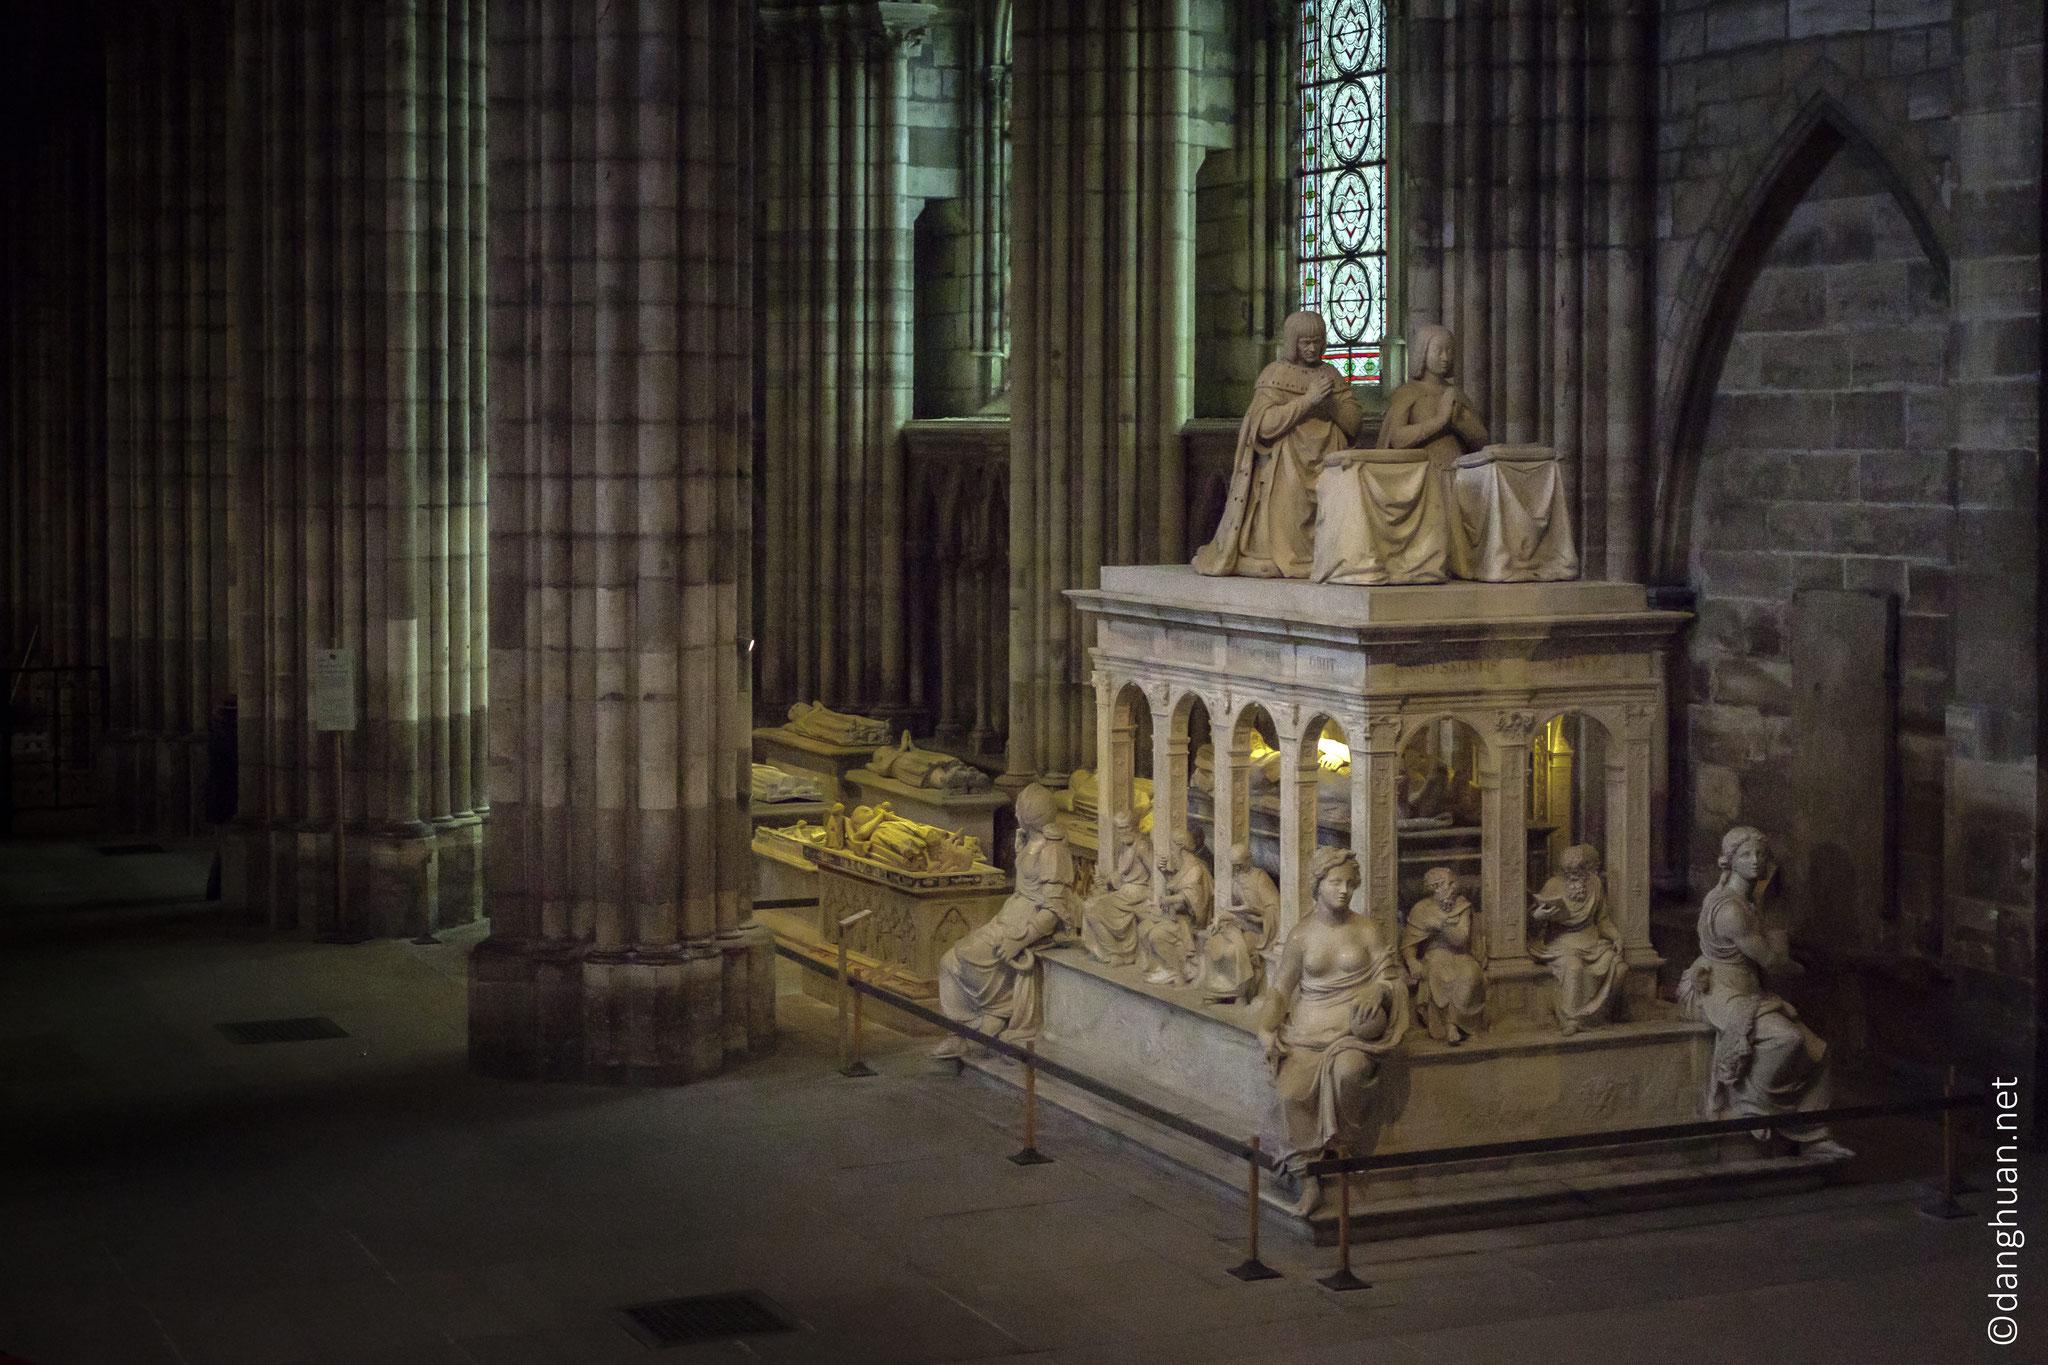 Basilique St Denis - Tombeau en marbre de Carrare de Louis XII et Anne de Bretagne